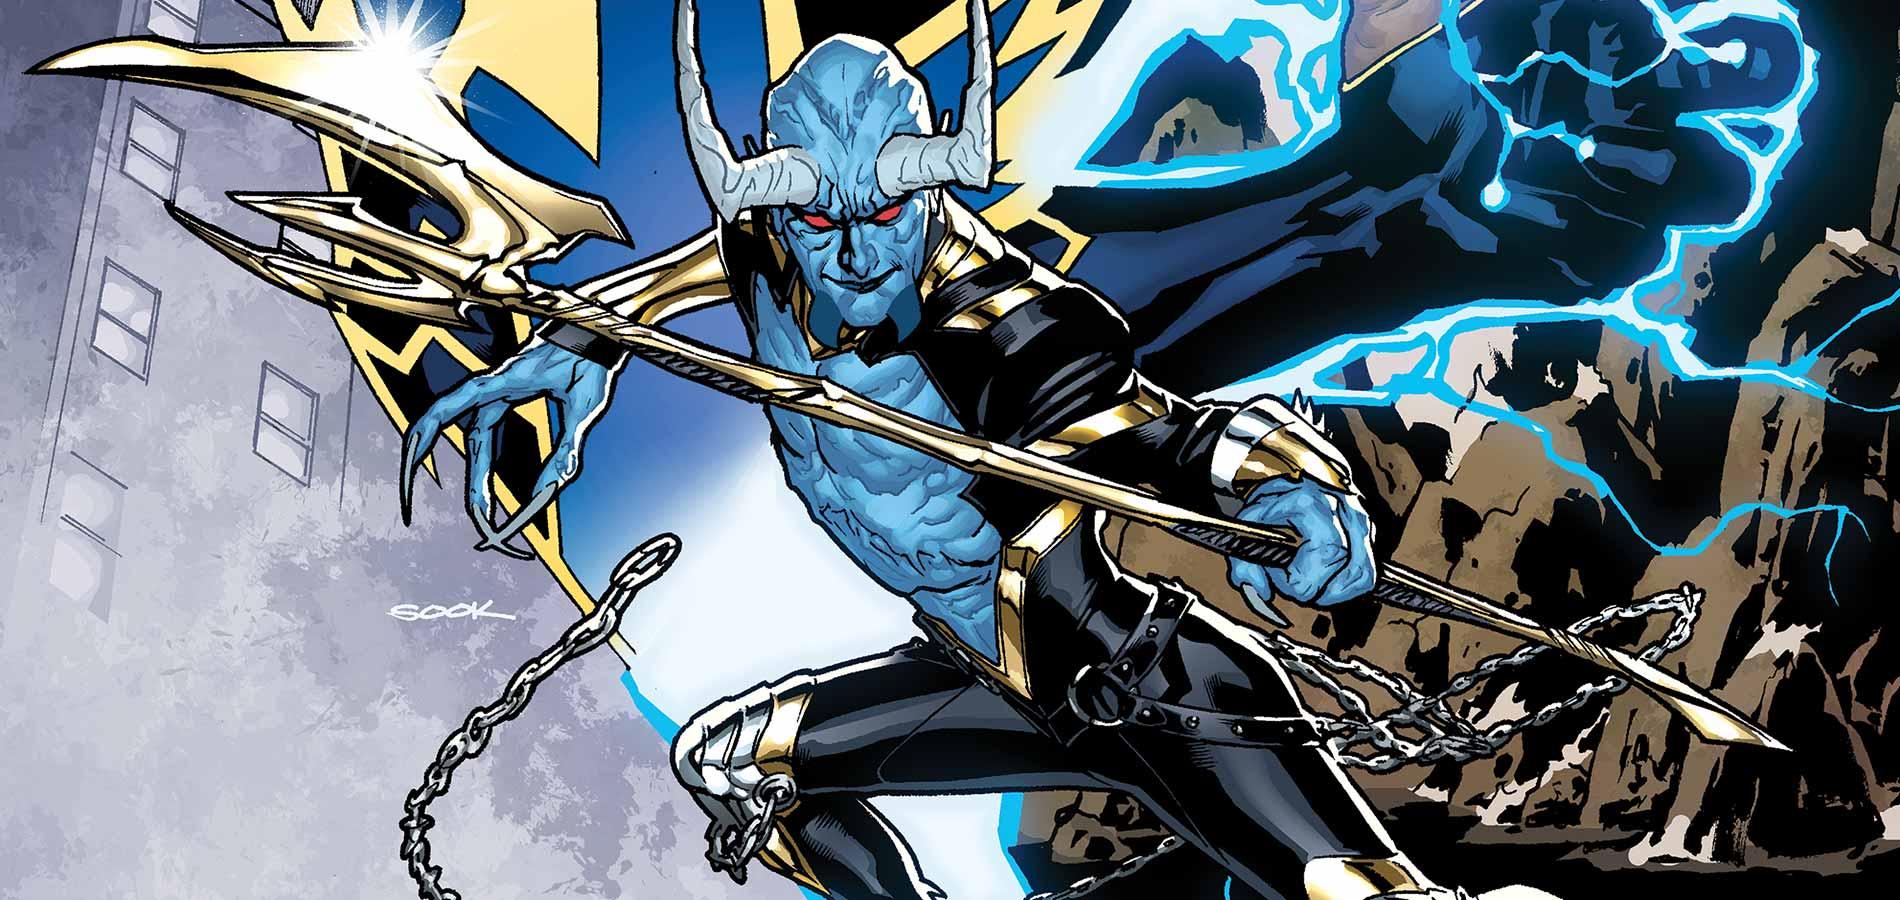 Ian Ziering de Sharknado interpretará a Blue Devil en Swamp Thing de DC